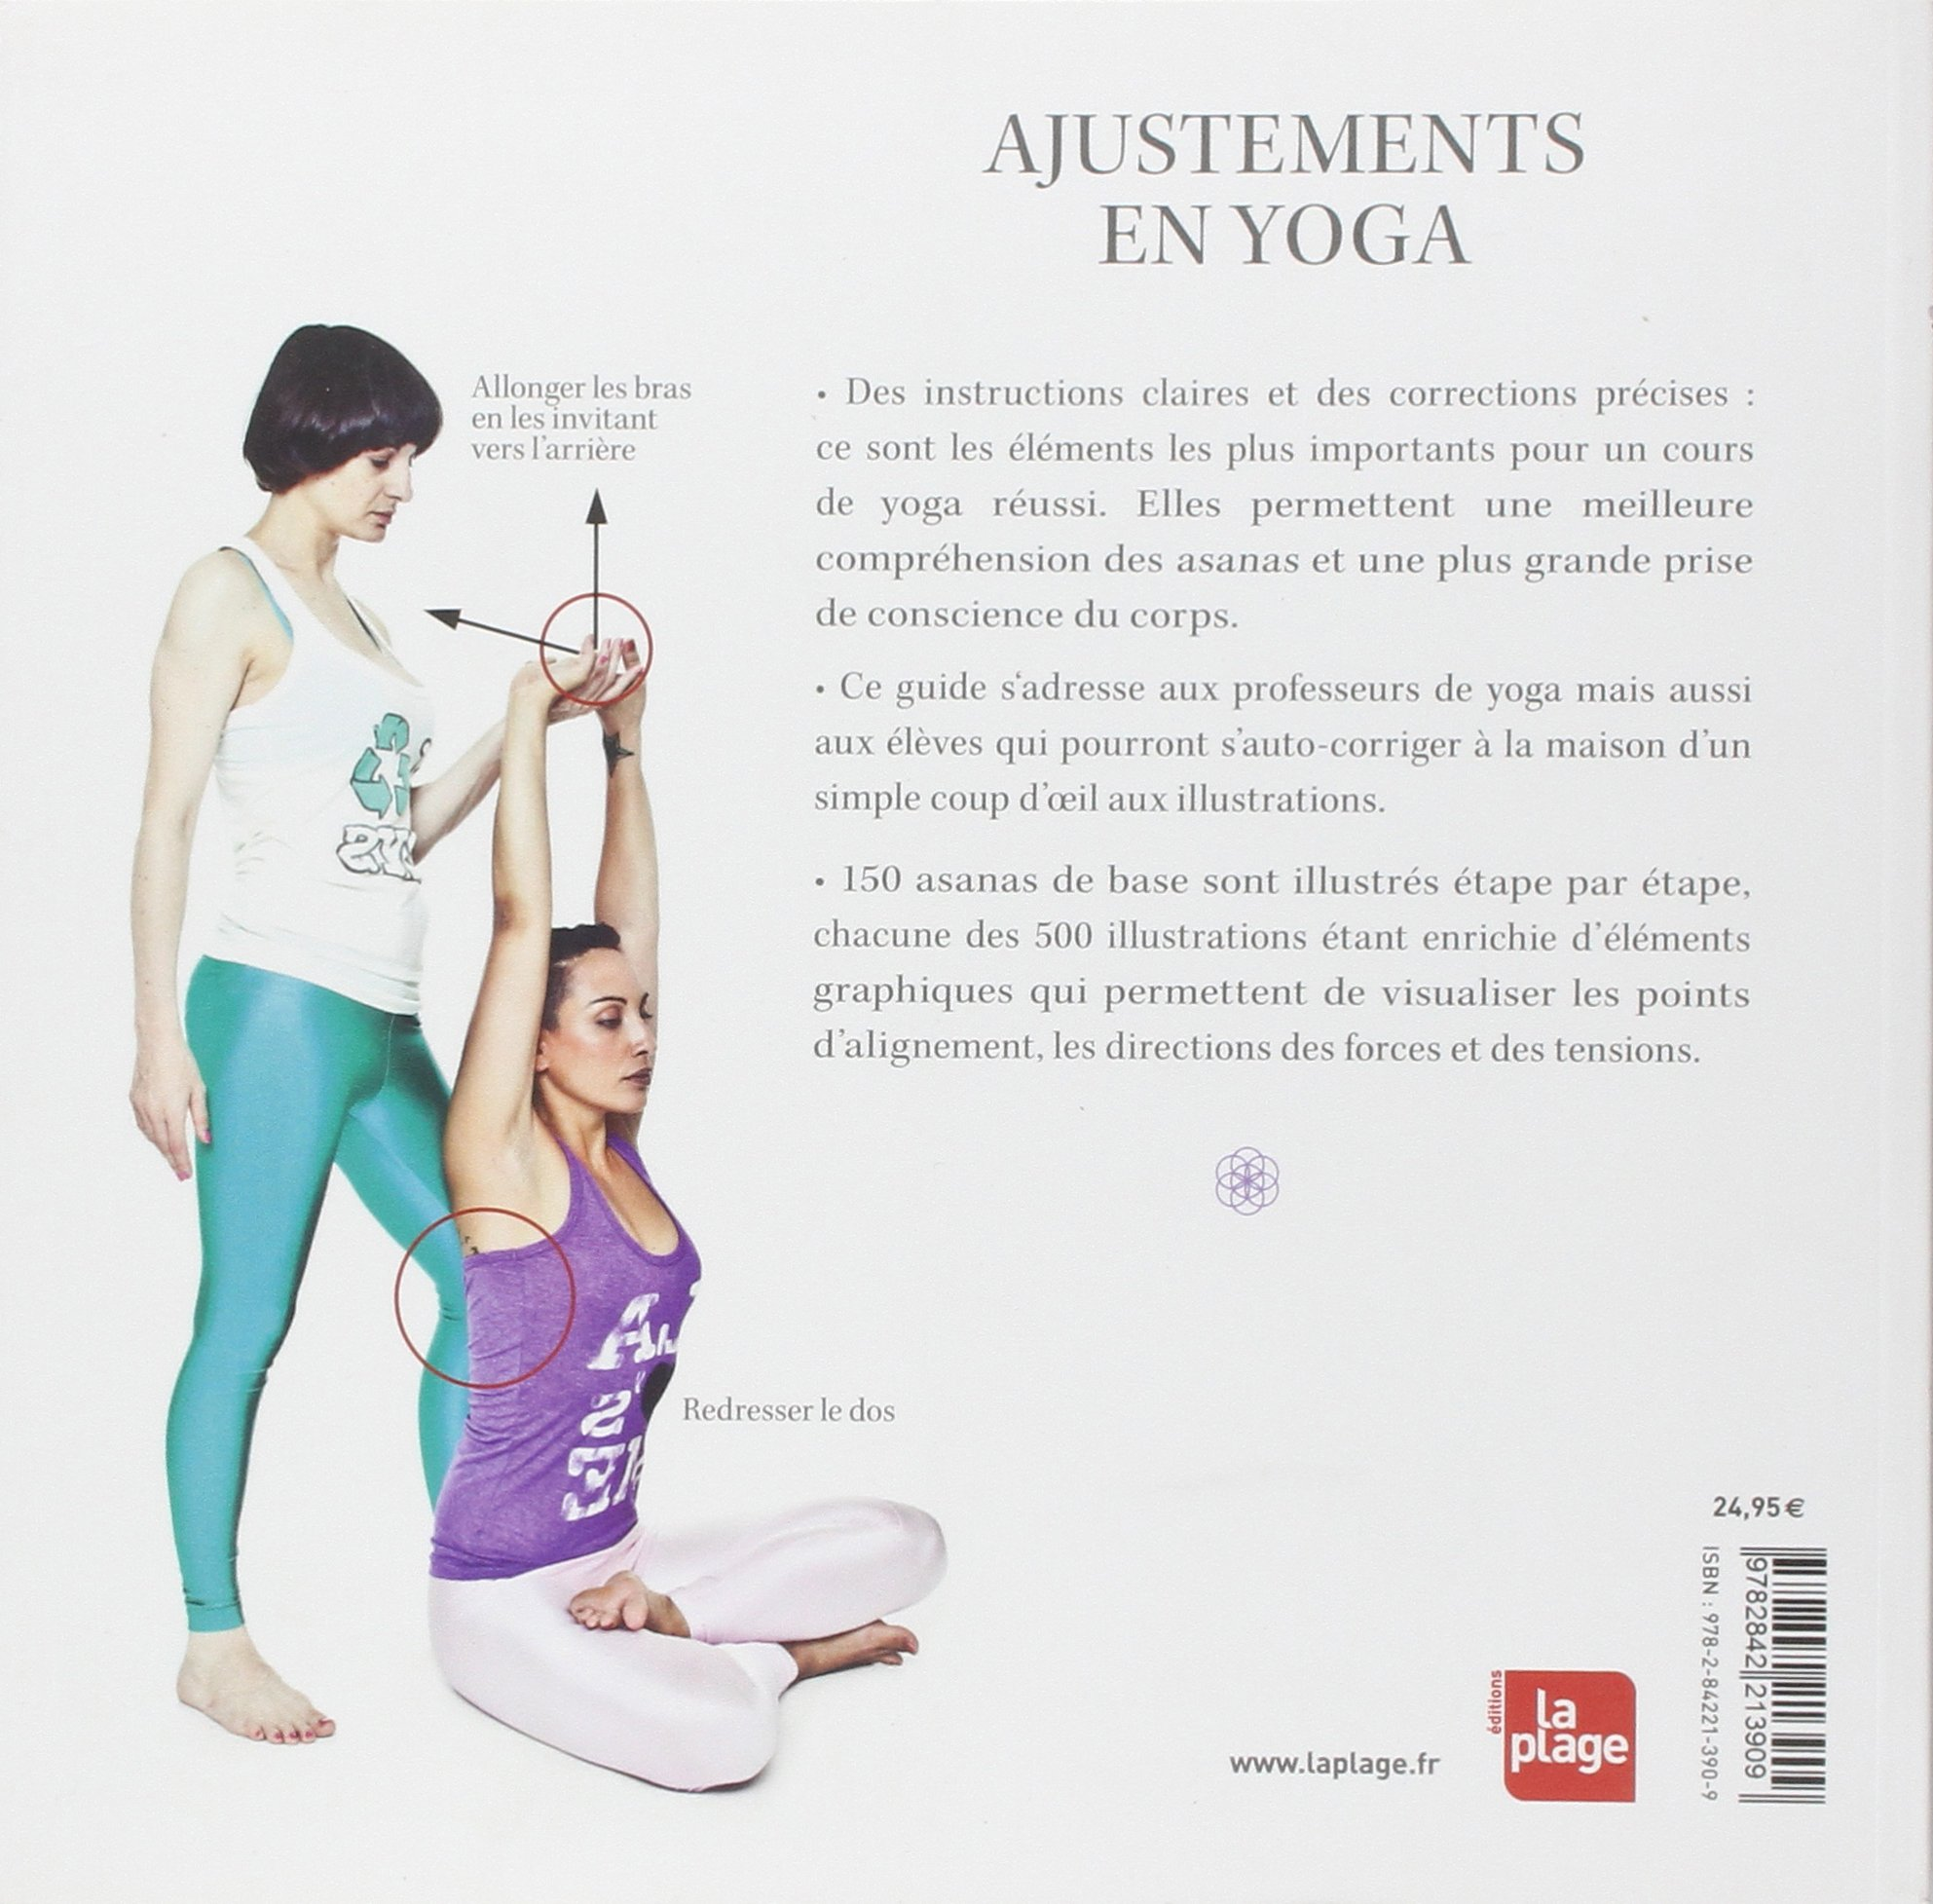 yoga posture de base stunning yoga posture de base with. Black Bedroom Furniture Sets. Home Design Ideas